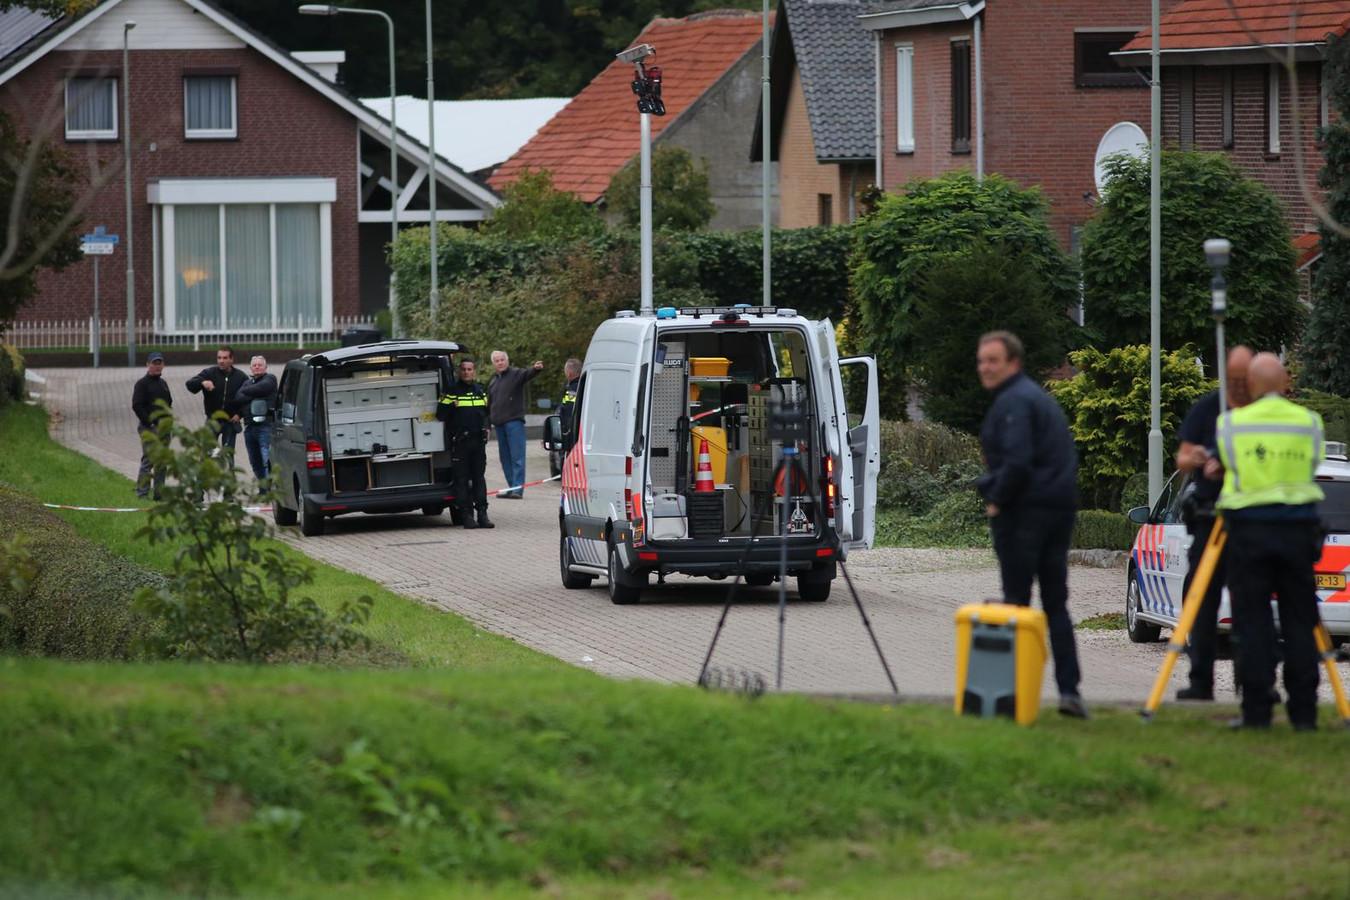 Onderzoek op de locatie waar een verdachte door de politie is doodgeschoten